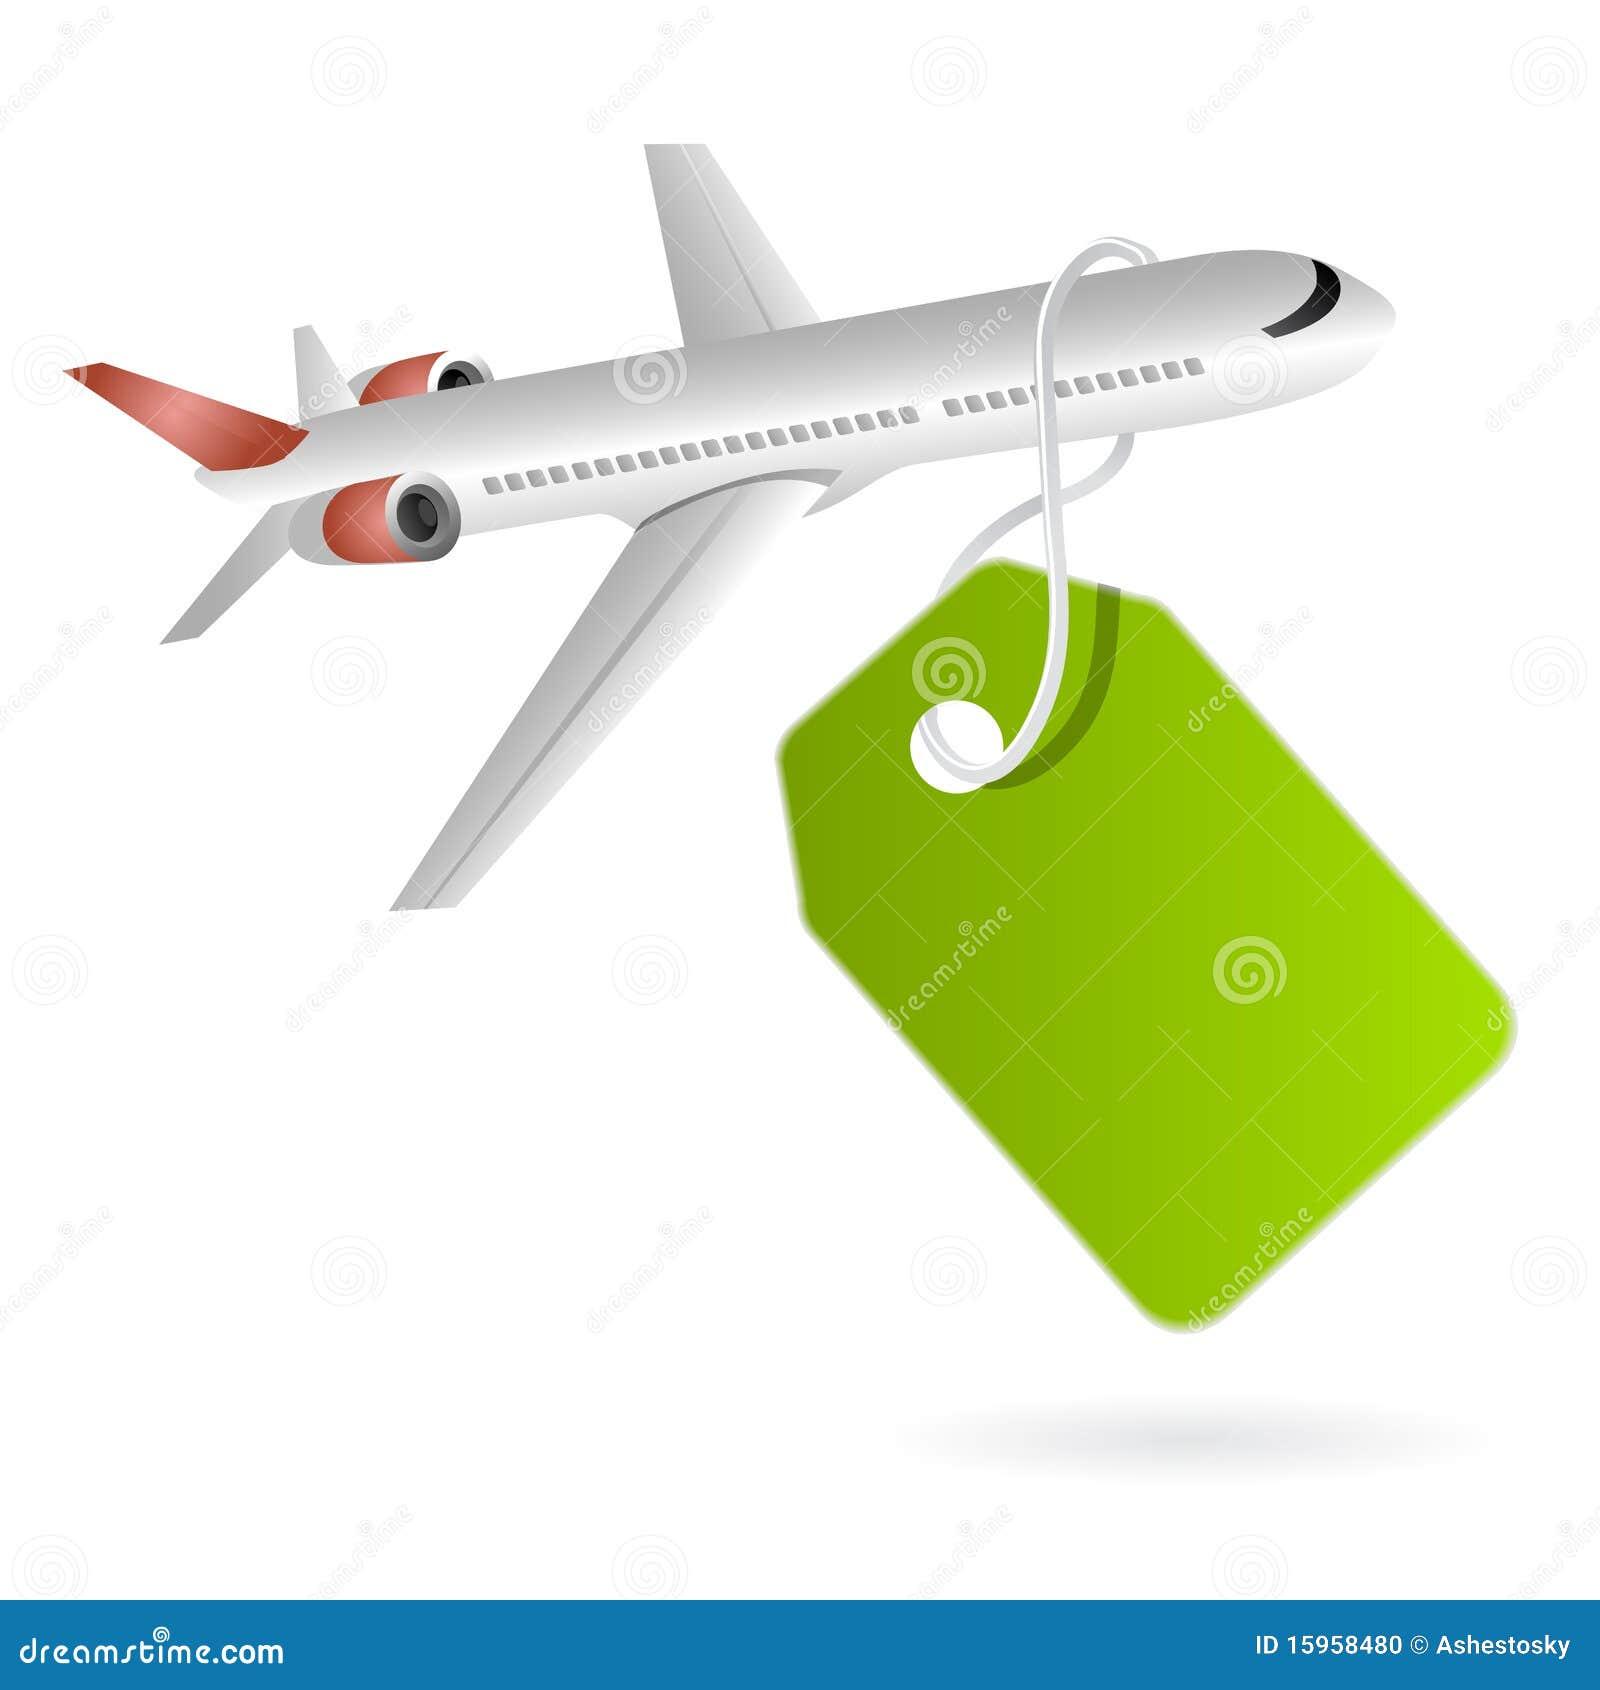 Cheap flights sales tag